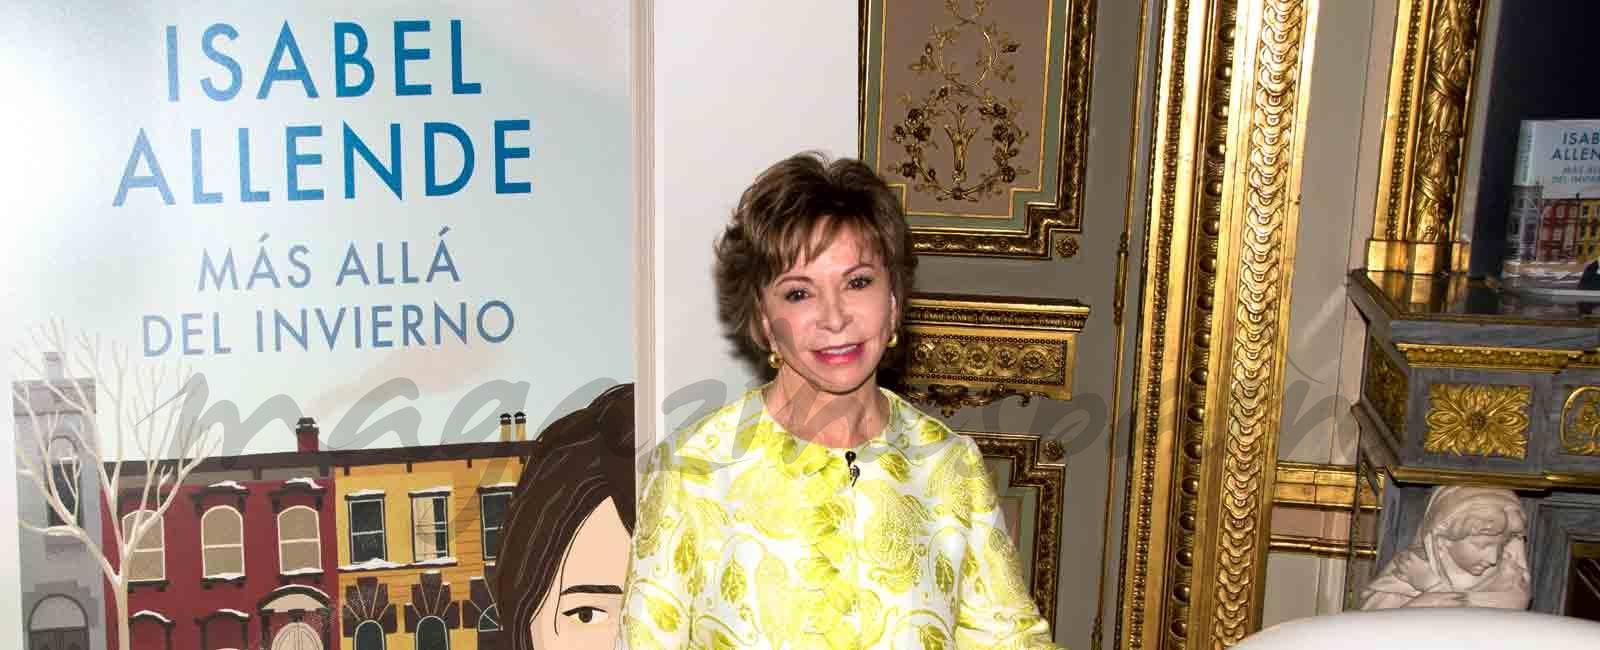 Isabel Allende presenta en Madrid, «Más Allá del invierno»